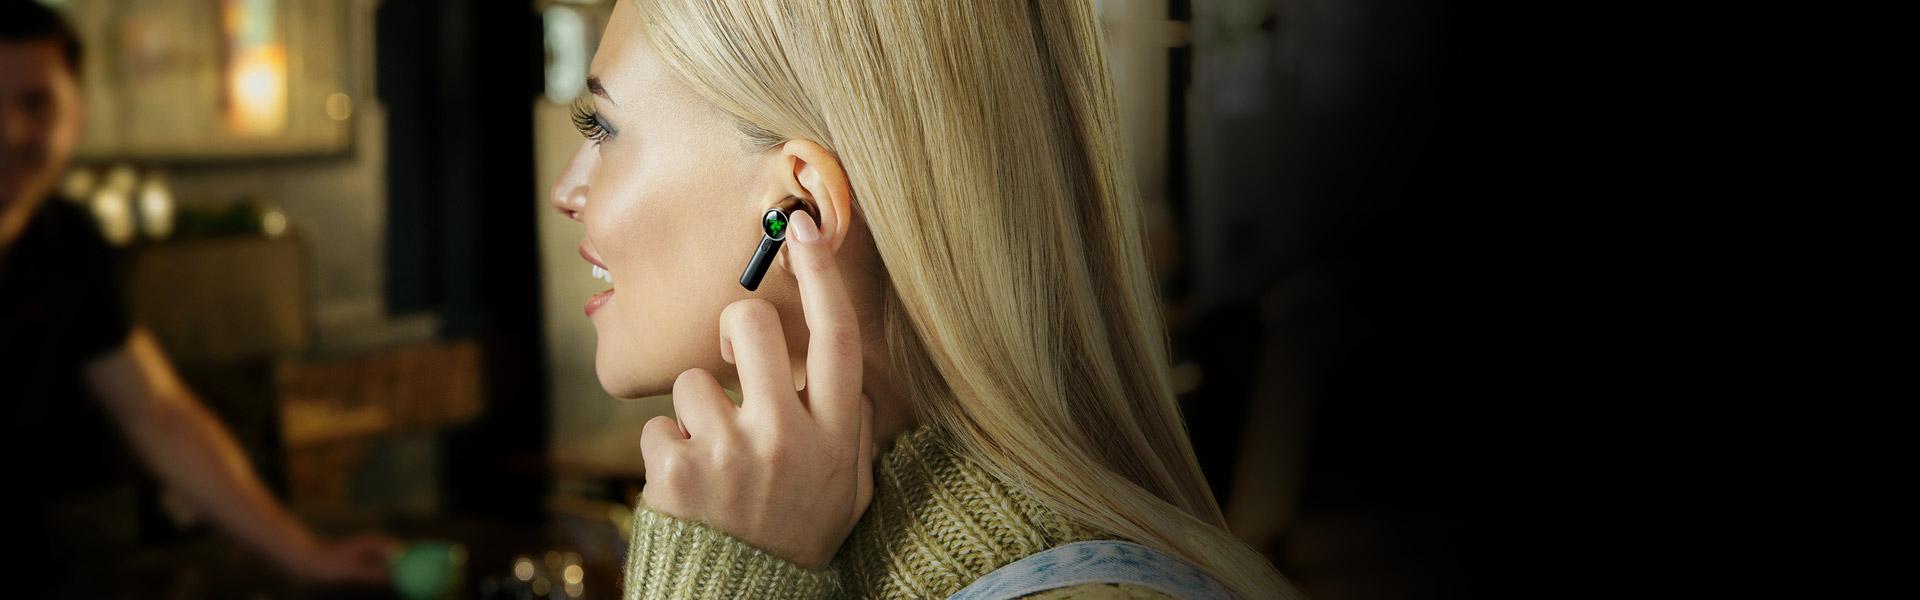 Tai nghe Razer Hammerhead True Wireless Pro RZ12-03440100-R3A1 có thể cho phép nghe được âm thanh bên ngoài